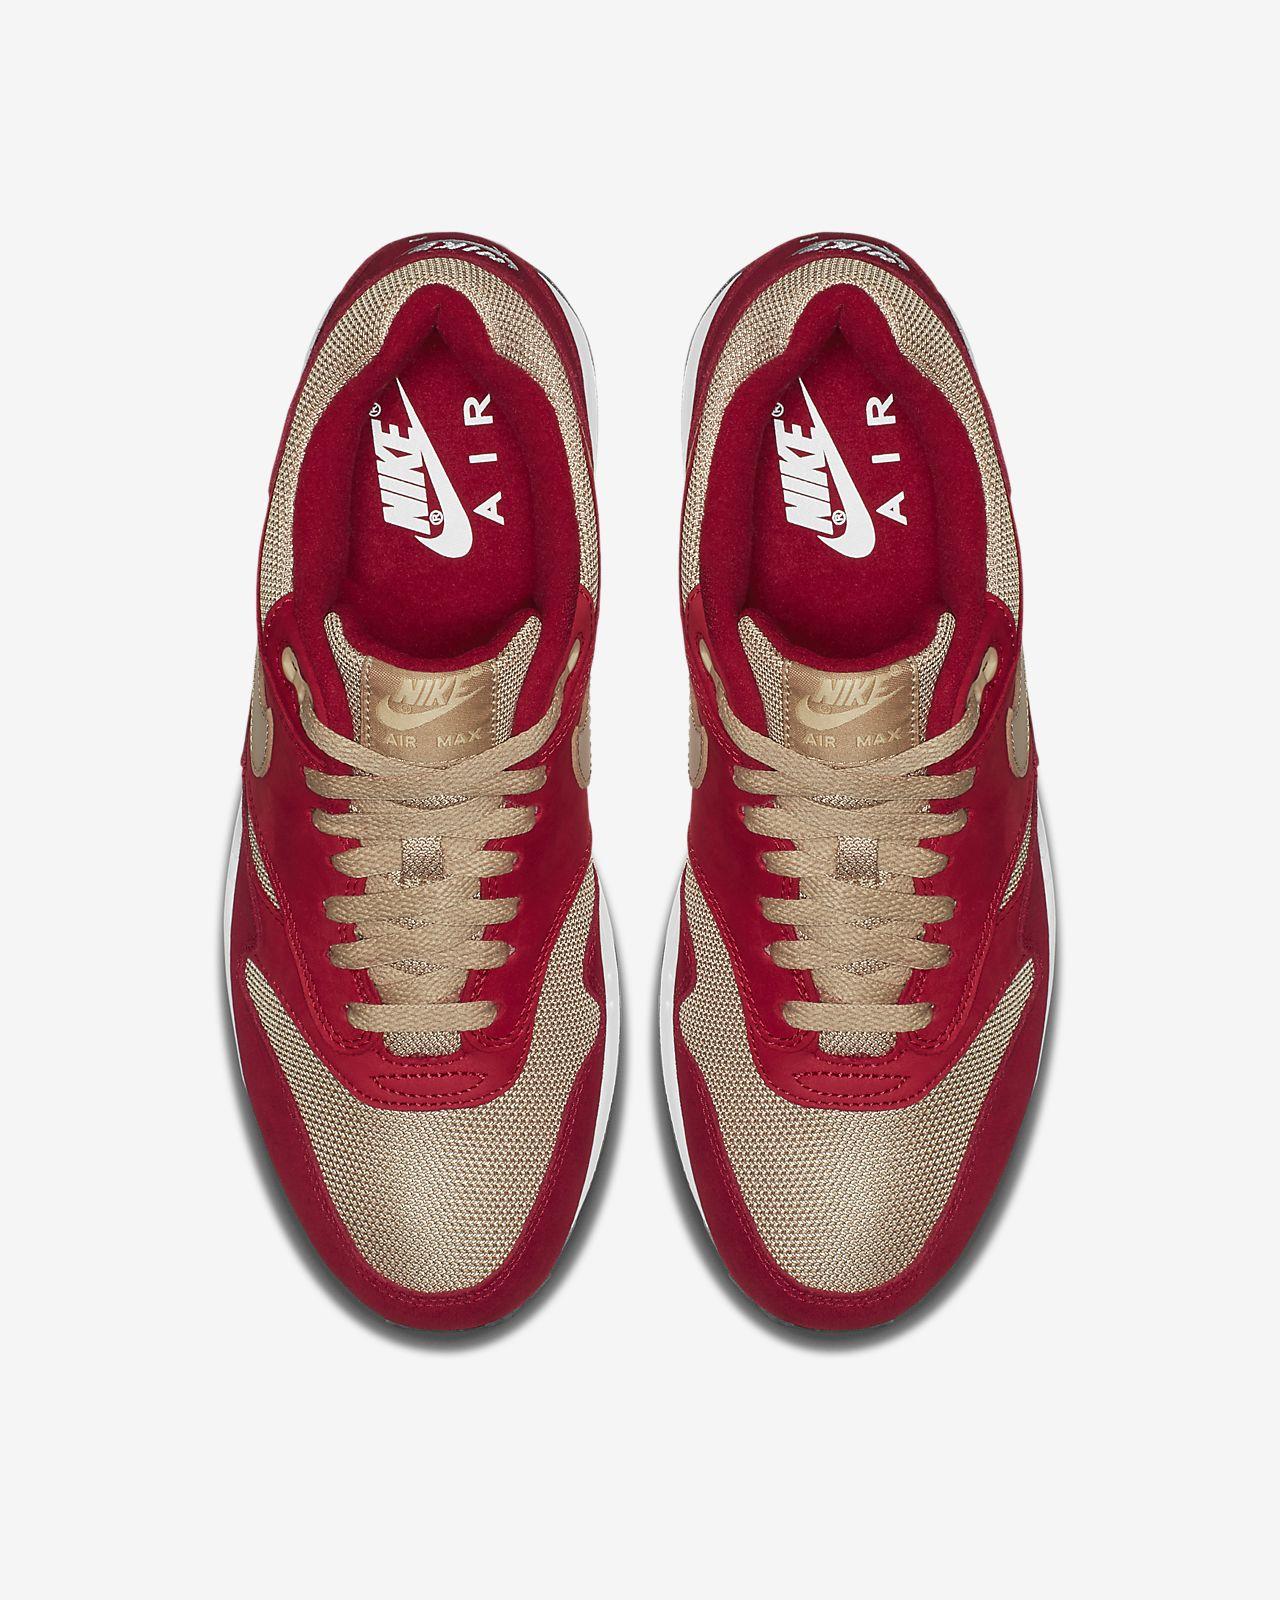 2c75f241d65d Nike Air Max 1 Premium Retro Men s Shoe. Nike.com